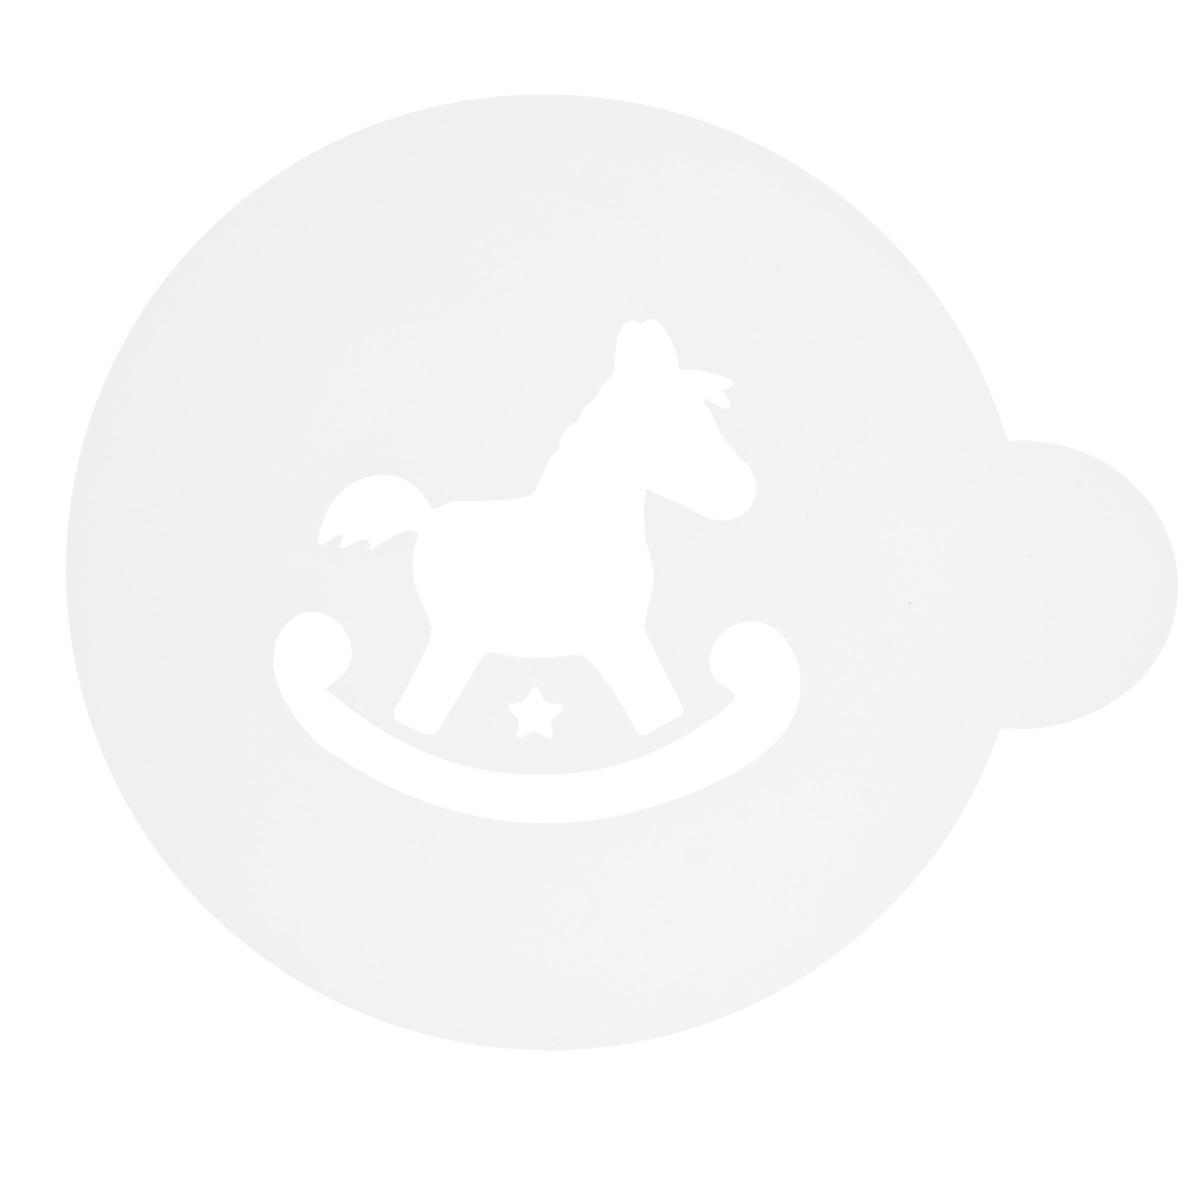 Трафарет на кофе и десерты Леденцовая фабрика Лошадка, диаметр 10 смCM000001328Трафарет представляет собой пластину с прорезями, через которые пищевая краска (сахарная пудра, какао, шоколад, сливки, корица, дробленый орех) наносится на поверхность кофе, молочных коктейлей, десертов. Трафарет изготовлен из матового пищевого пластика 250 мкм и пригоден для контакта с пищевыми продуктами. Трафарет многоразовый. Побалуйте себя и ваших близких красиво оформленным кофе.